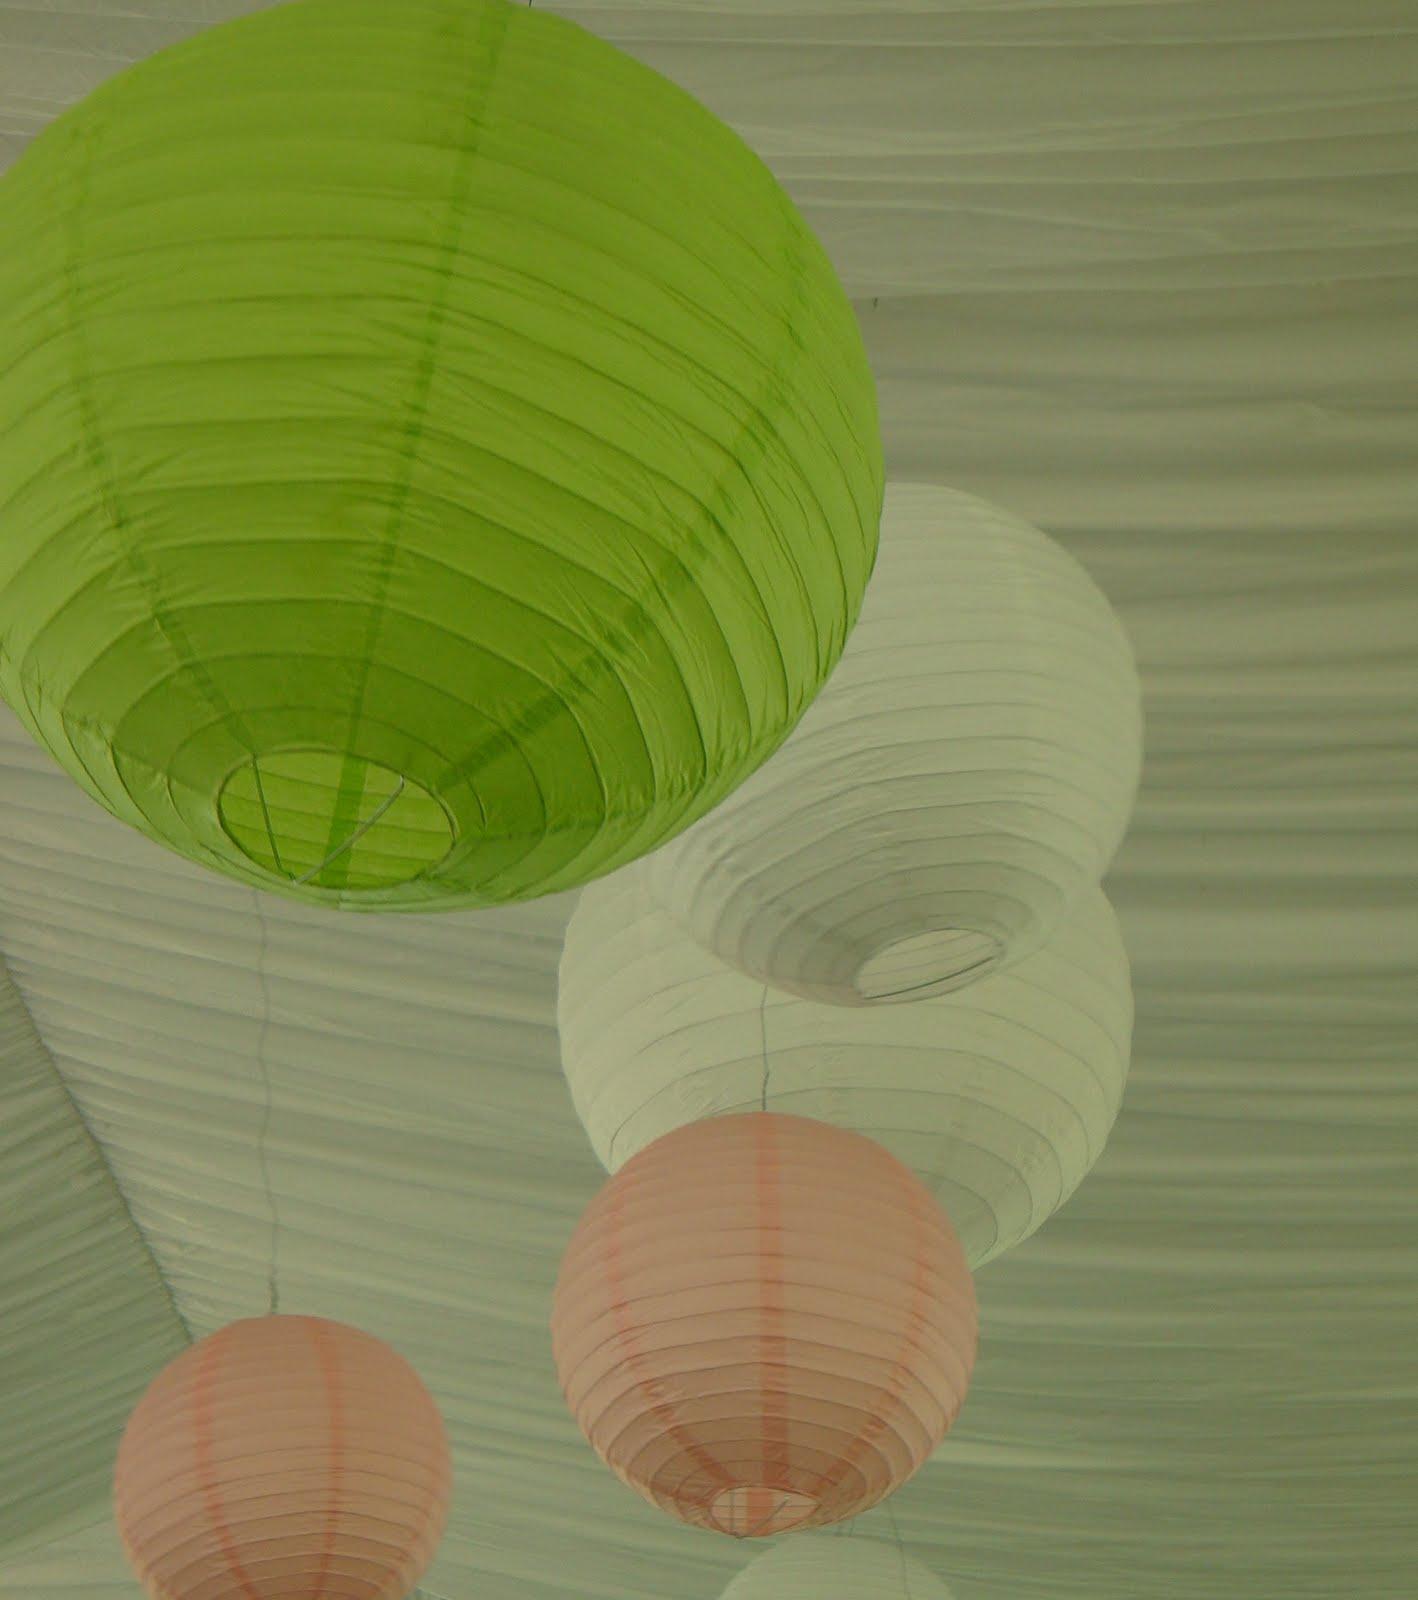 http://4.bp.blogspot.com/_9Eie7B2MWo0/TBvZ9vwoqdI/AAAAAAAAAP4/EGMGY7jDCkc/s1600/6+18+10+009.jpg